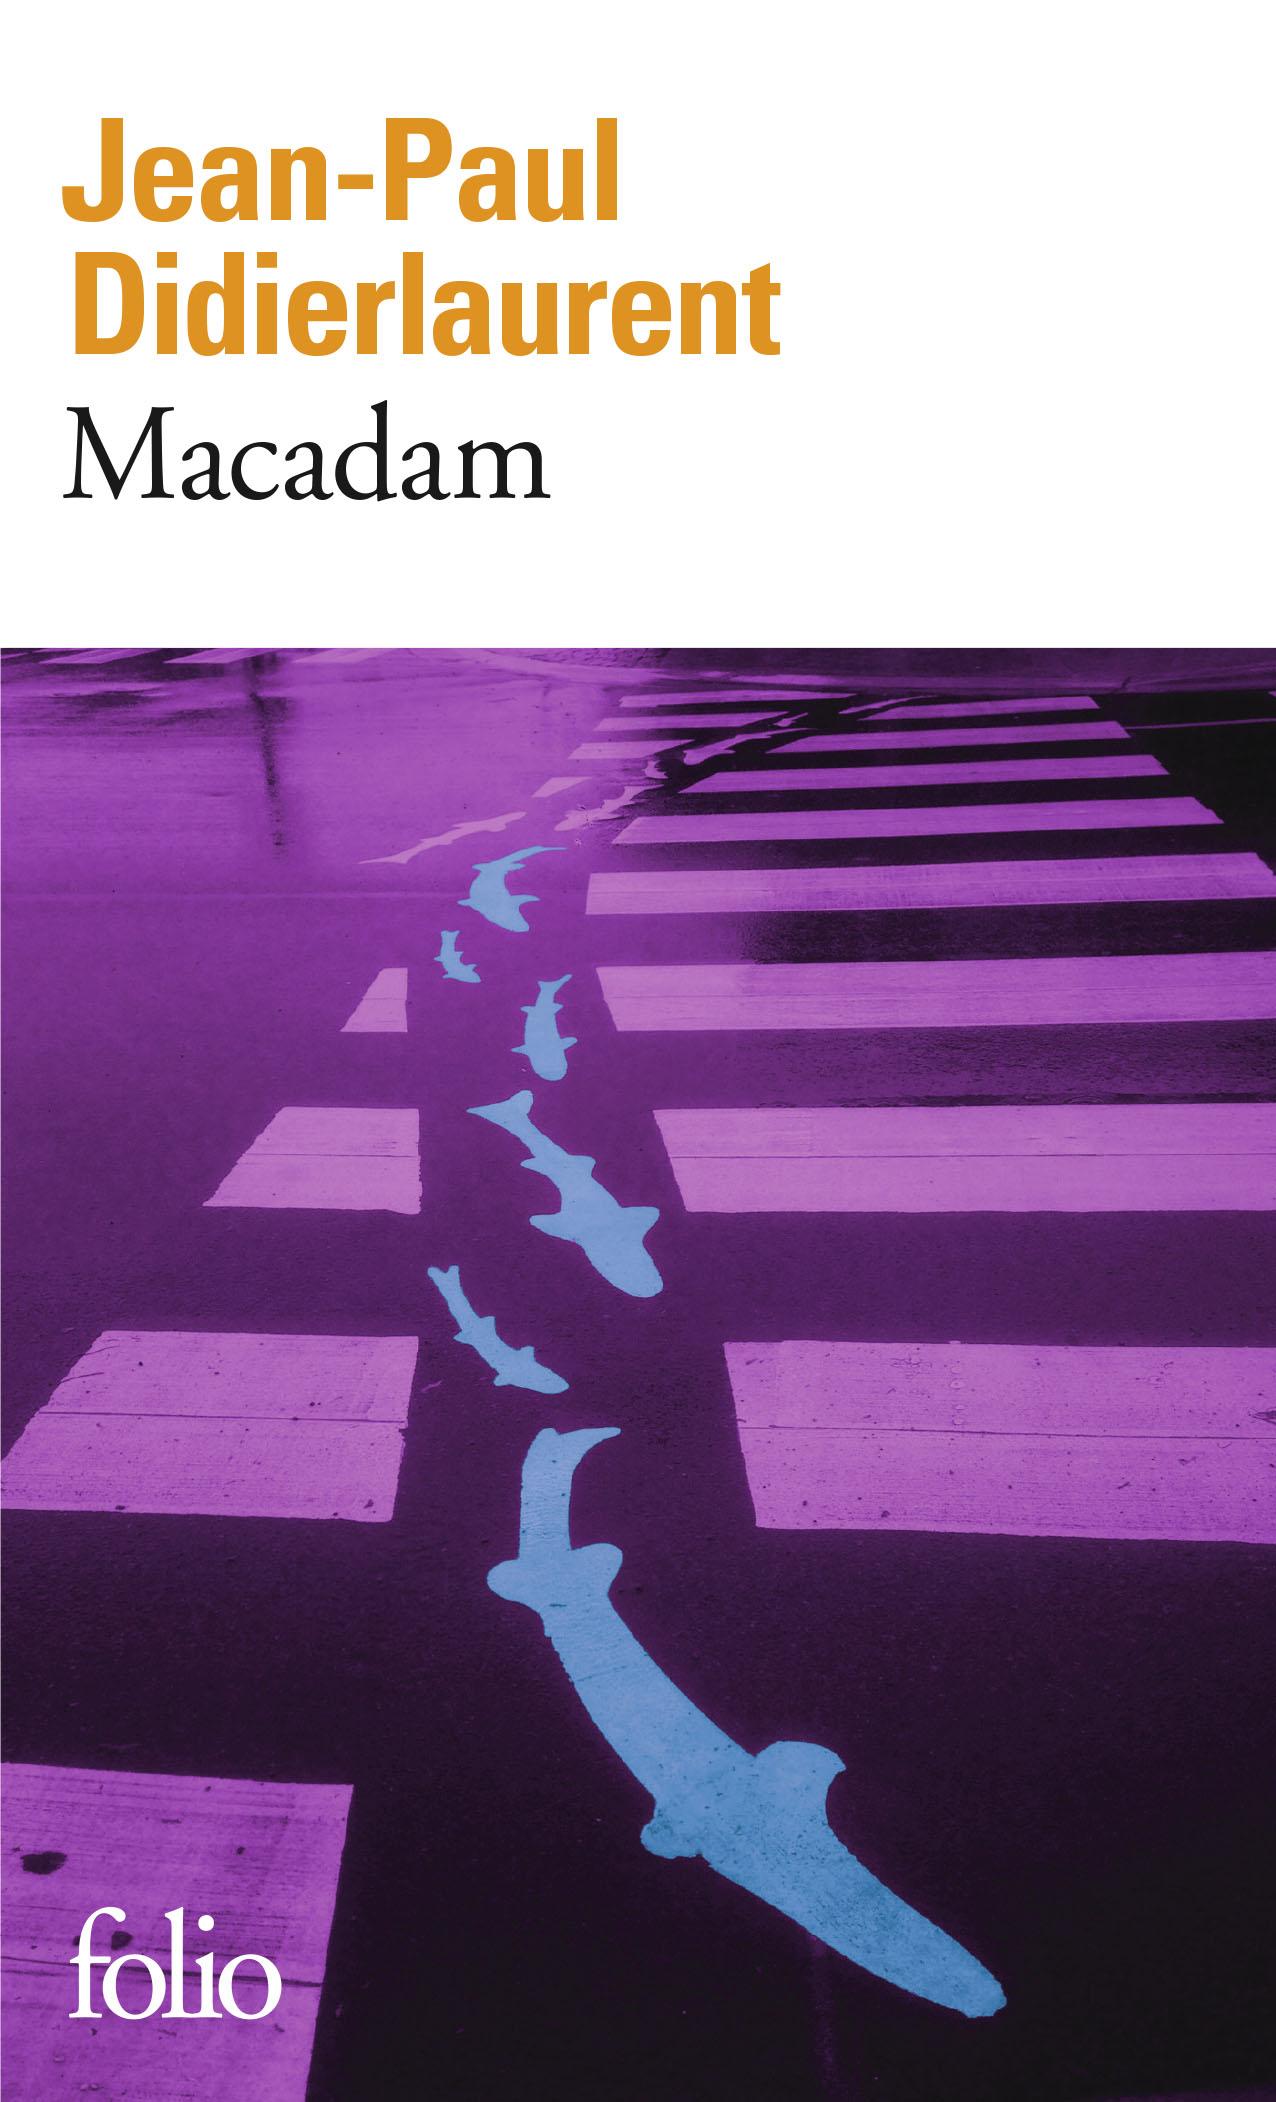 Macadam, Didierlaurent, Jean-Paul